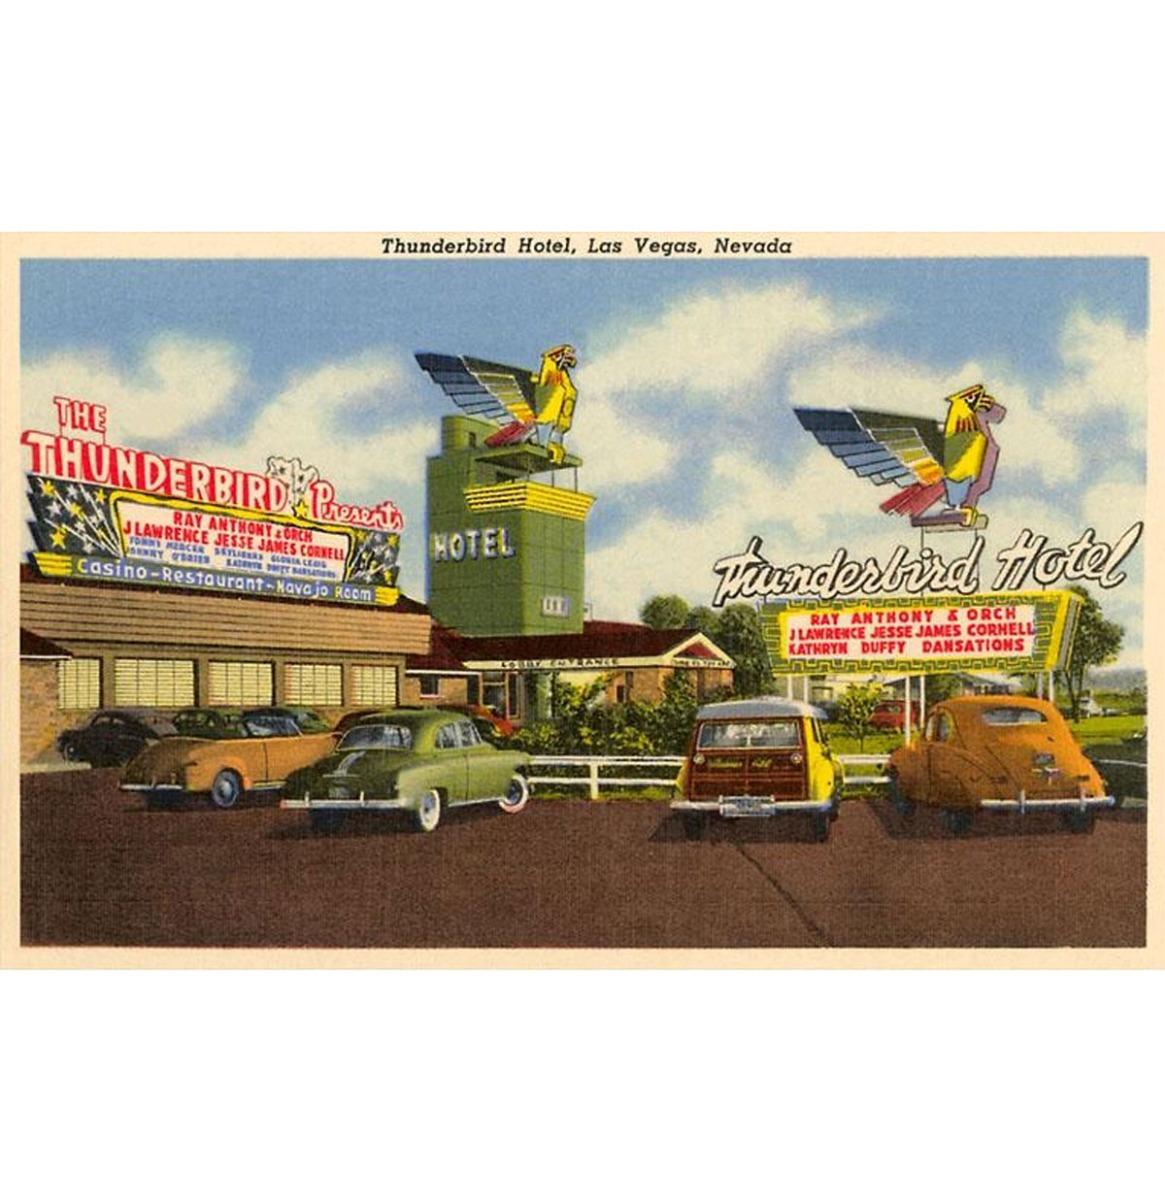 Thunderbird Hotel, Las Vegas, Nevada - Vintage Foto, Kunst Afdruk